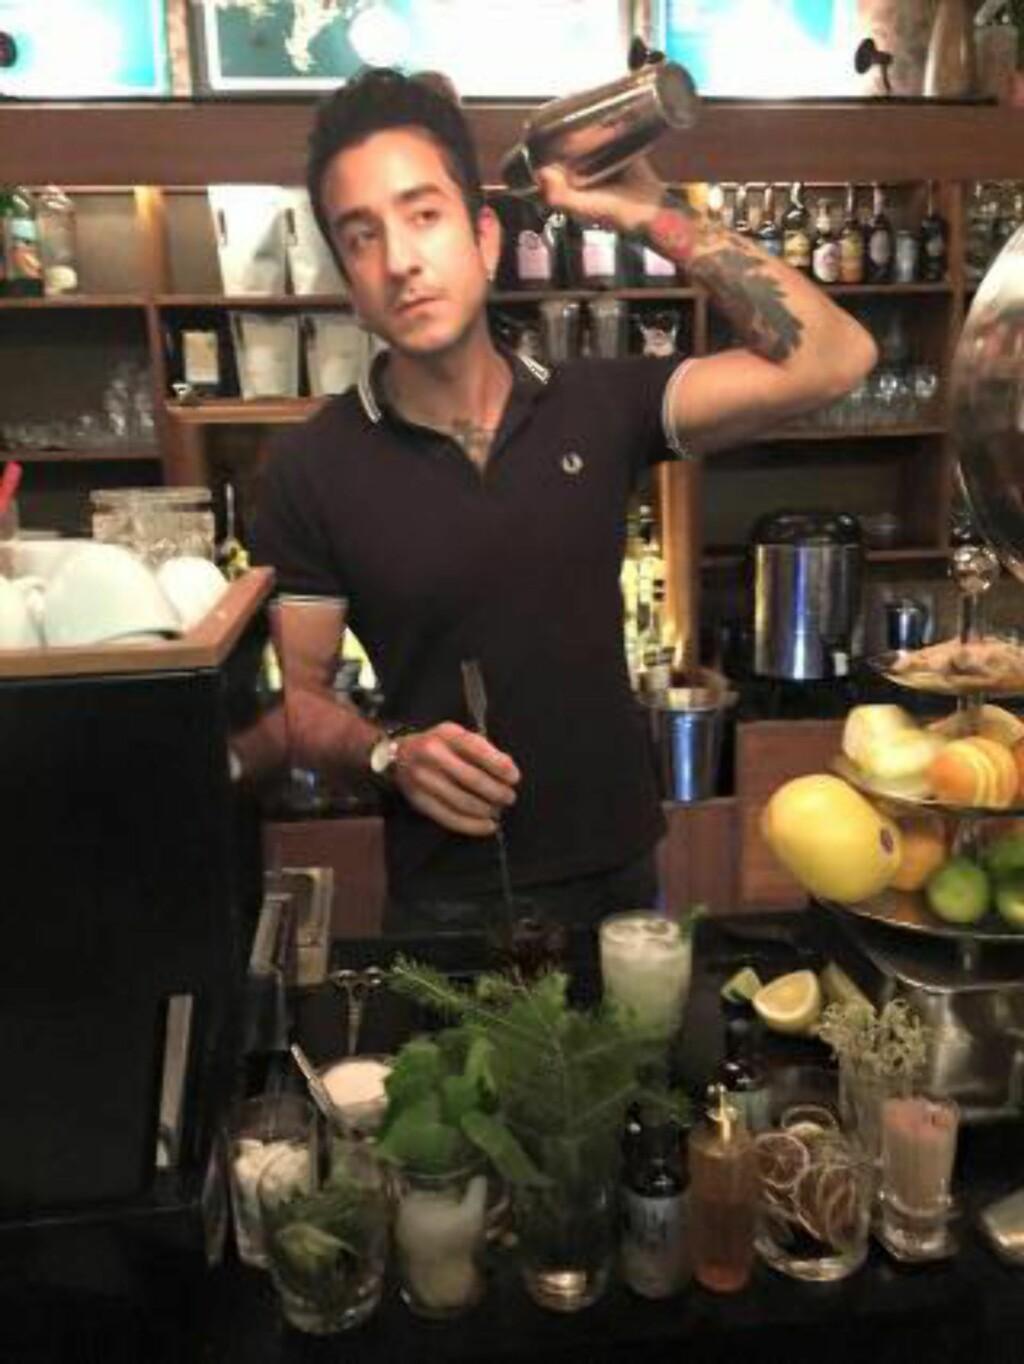 DRINKMIKSER:Robin Sohrabi-Shiraz bruker gjerne billigvariantene av champagne når han mikser drinker, for eksempel cava eller prosecco. Foto: Privat